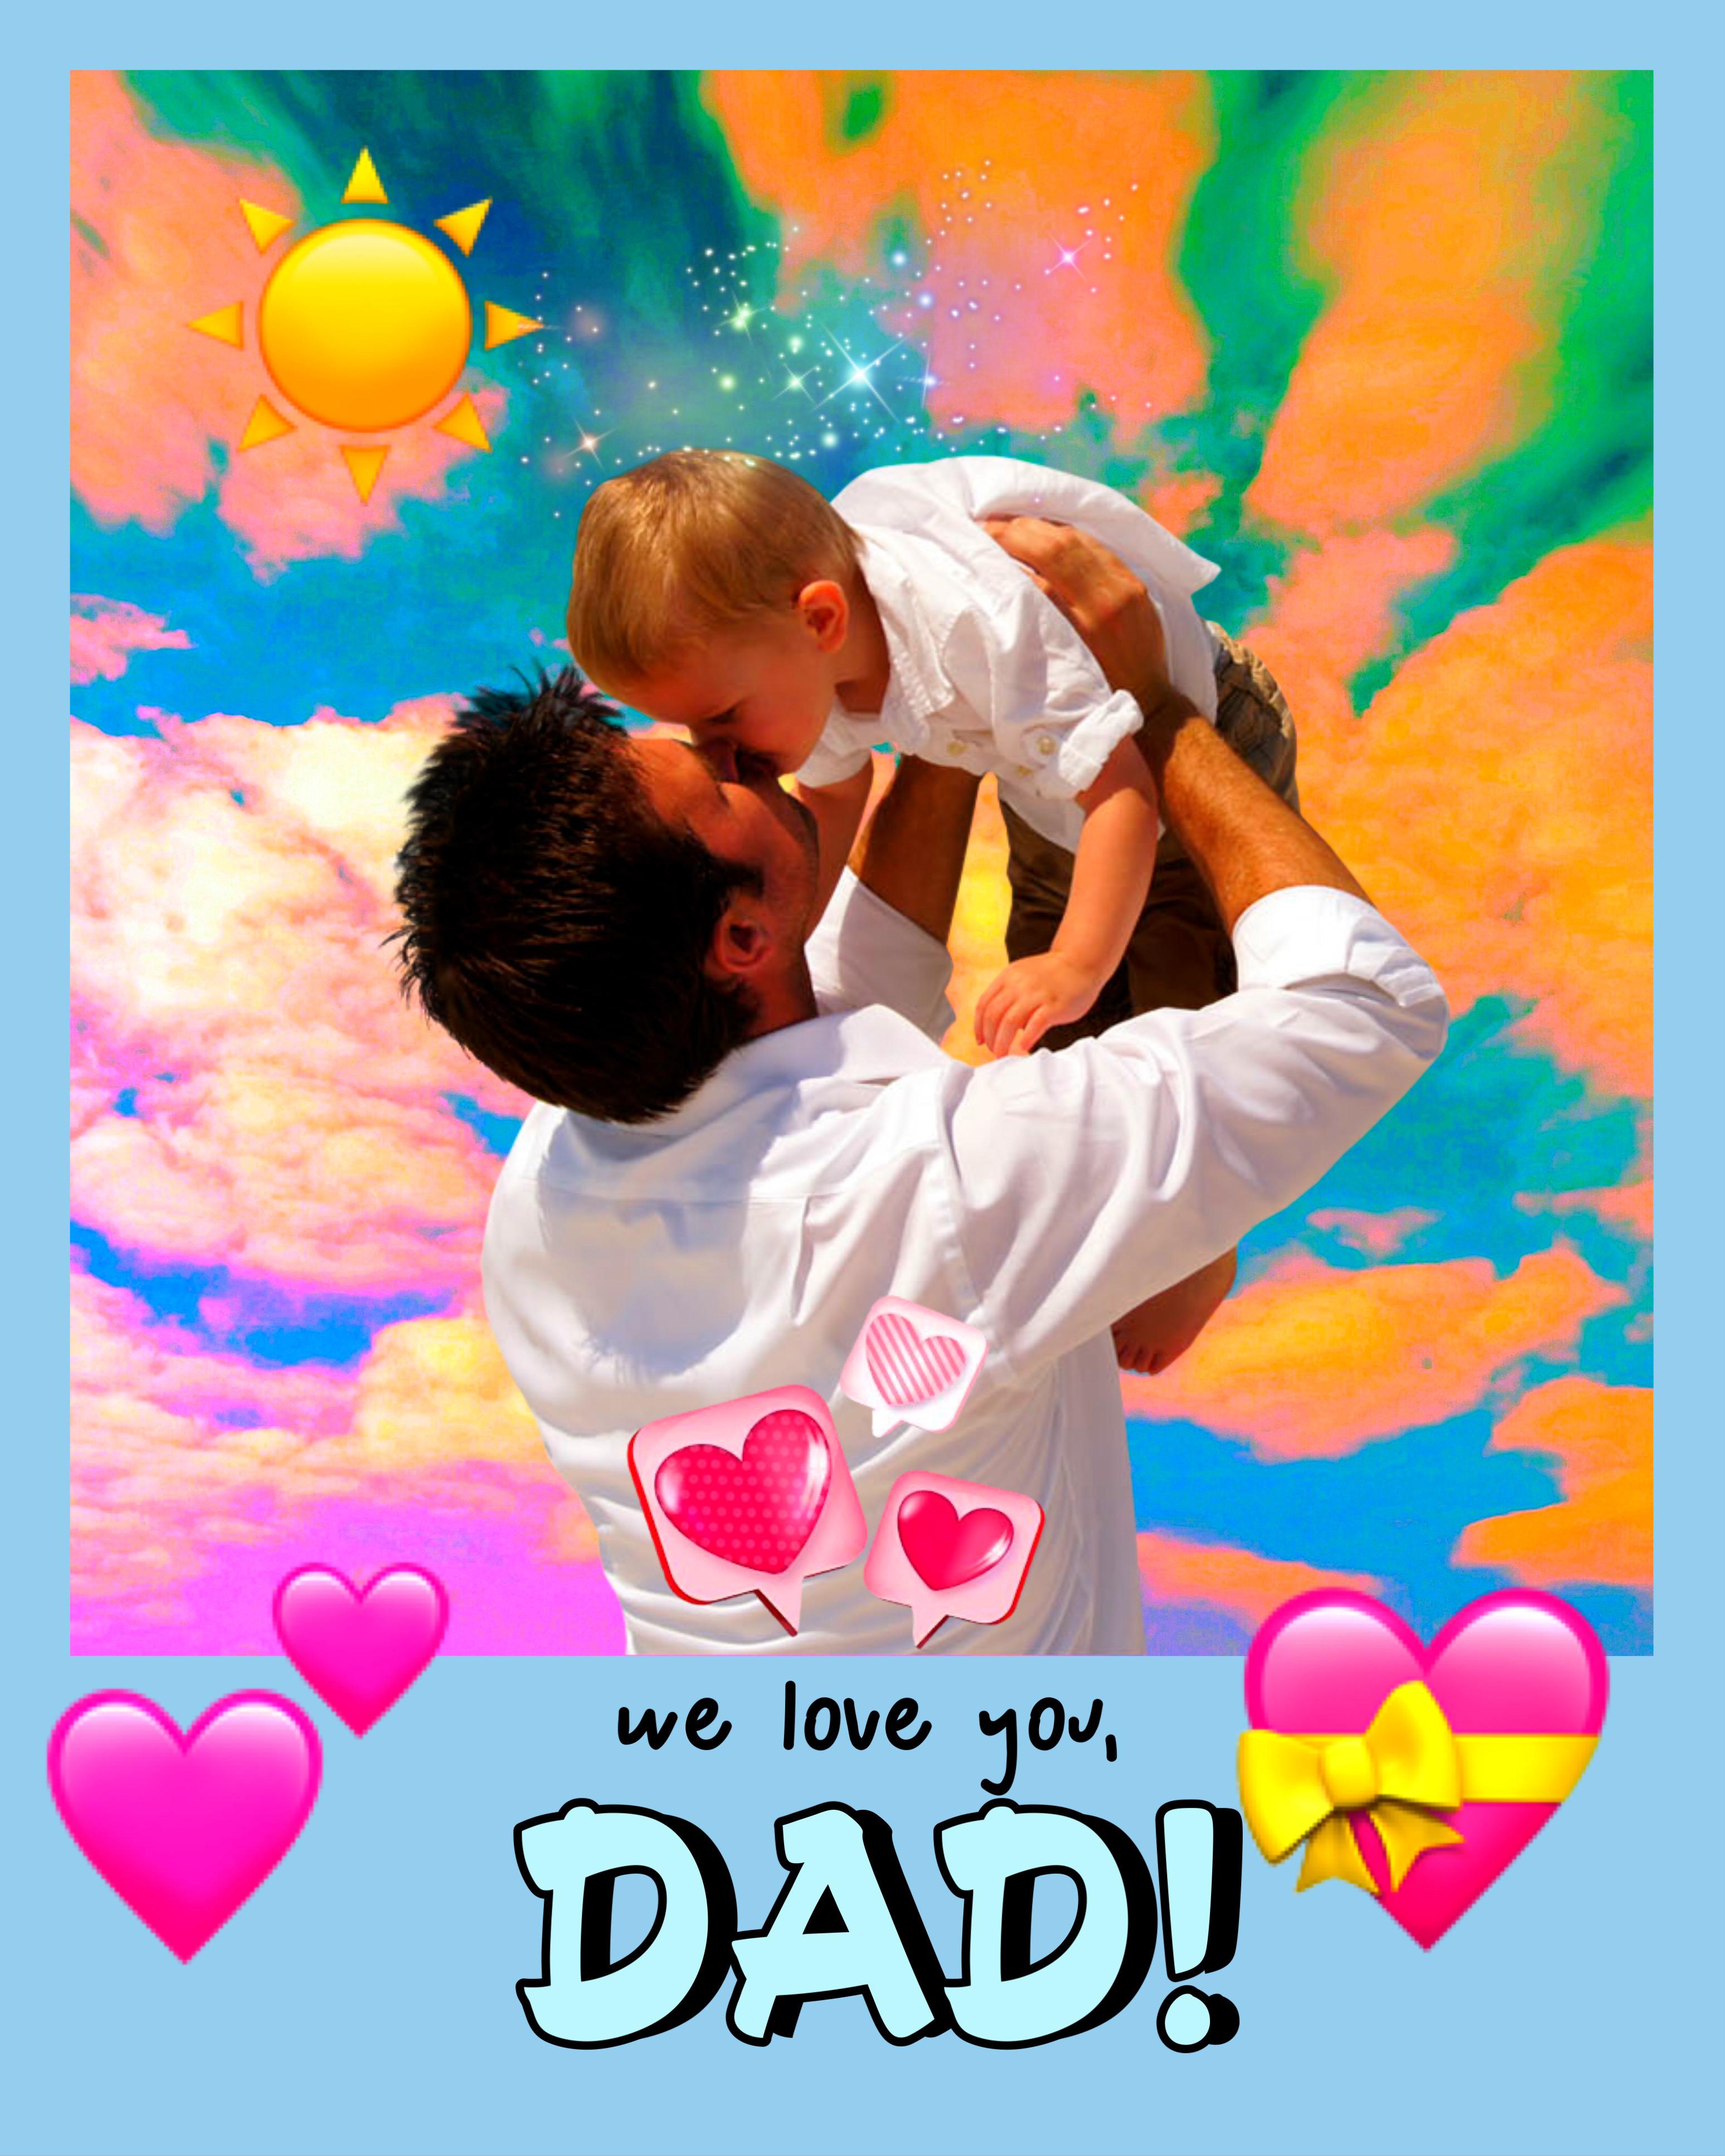 Father's Day #freetoedit #picsart #fathersday #remix